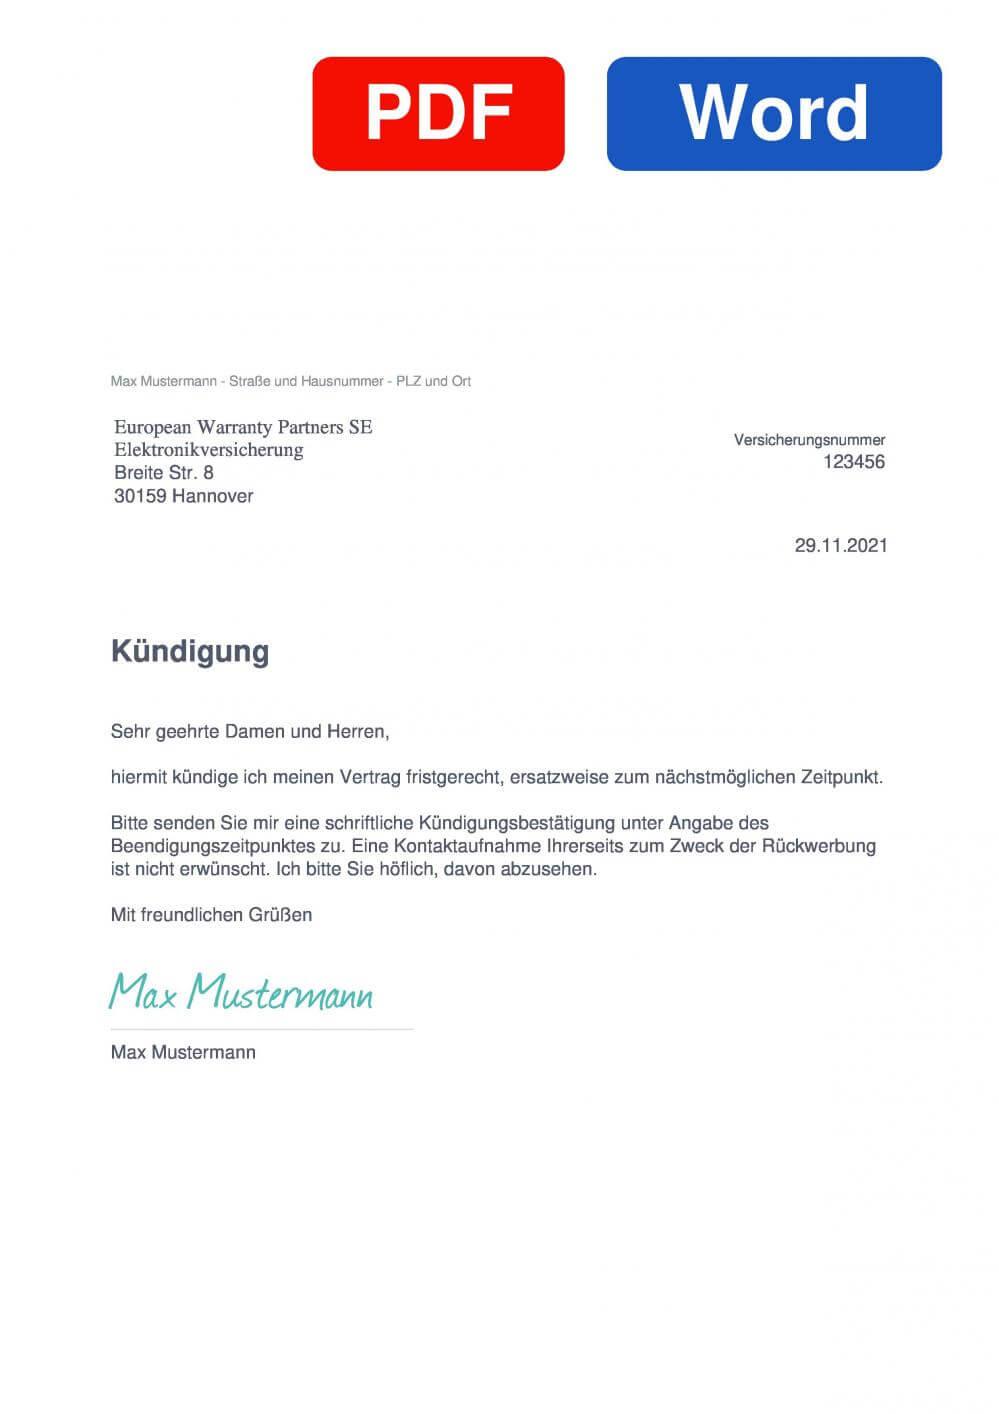 European Warranty Partners SE Muster Vorlage für Kündigungsschreiben